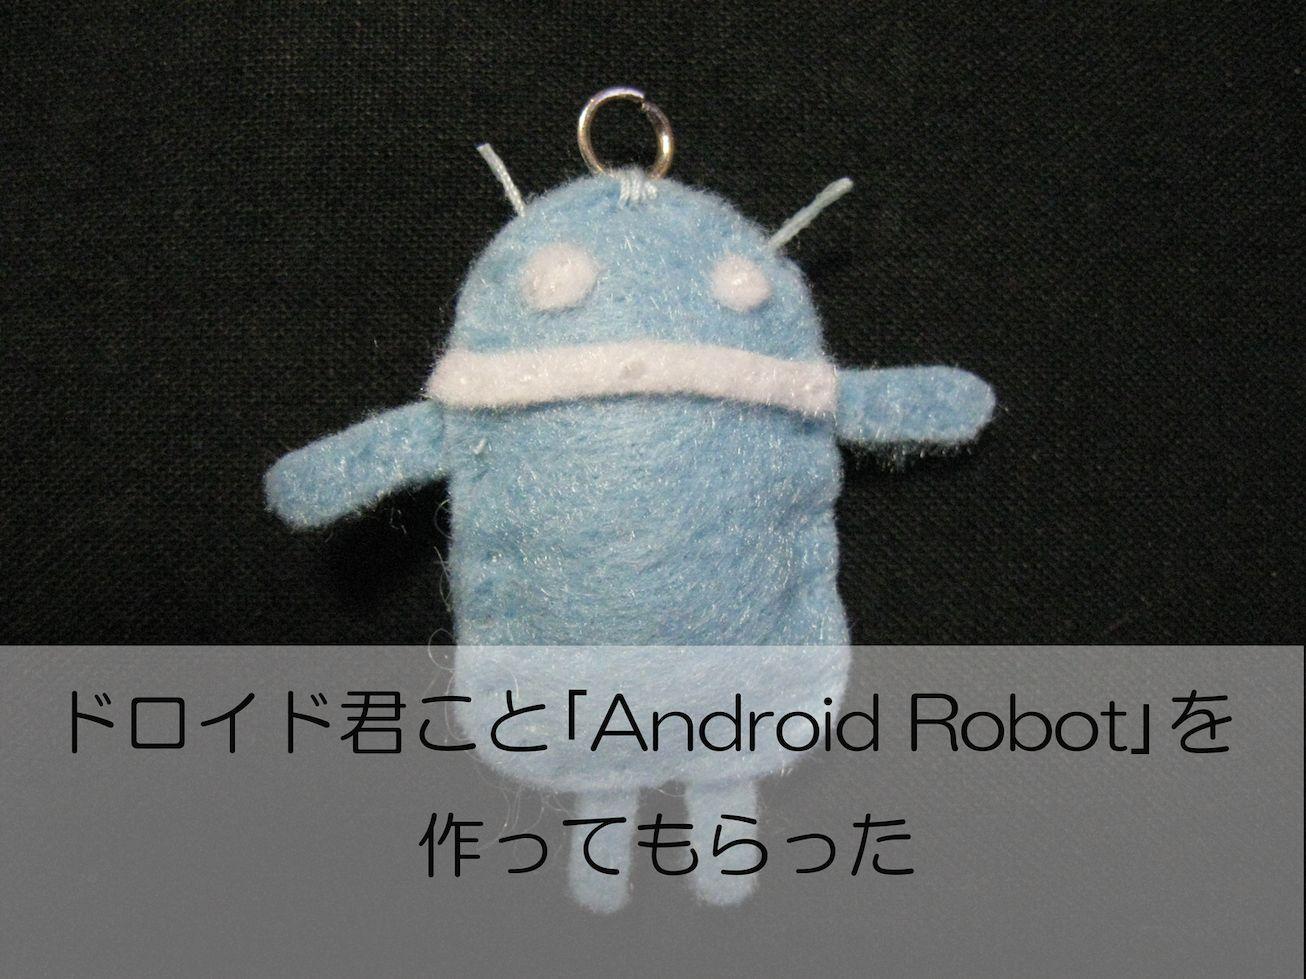 ドロイド君こと「Android Robot」の手作りぬいぐるみを作ってもらった